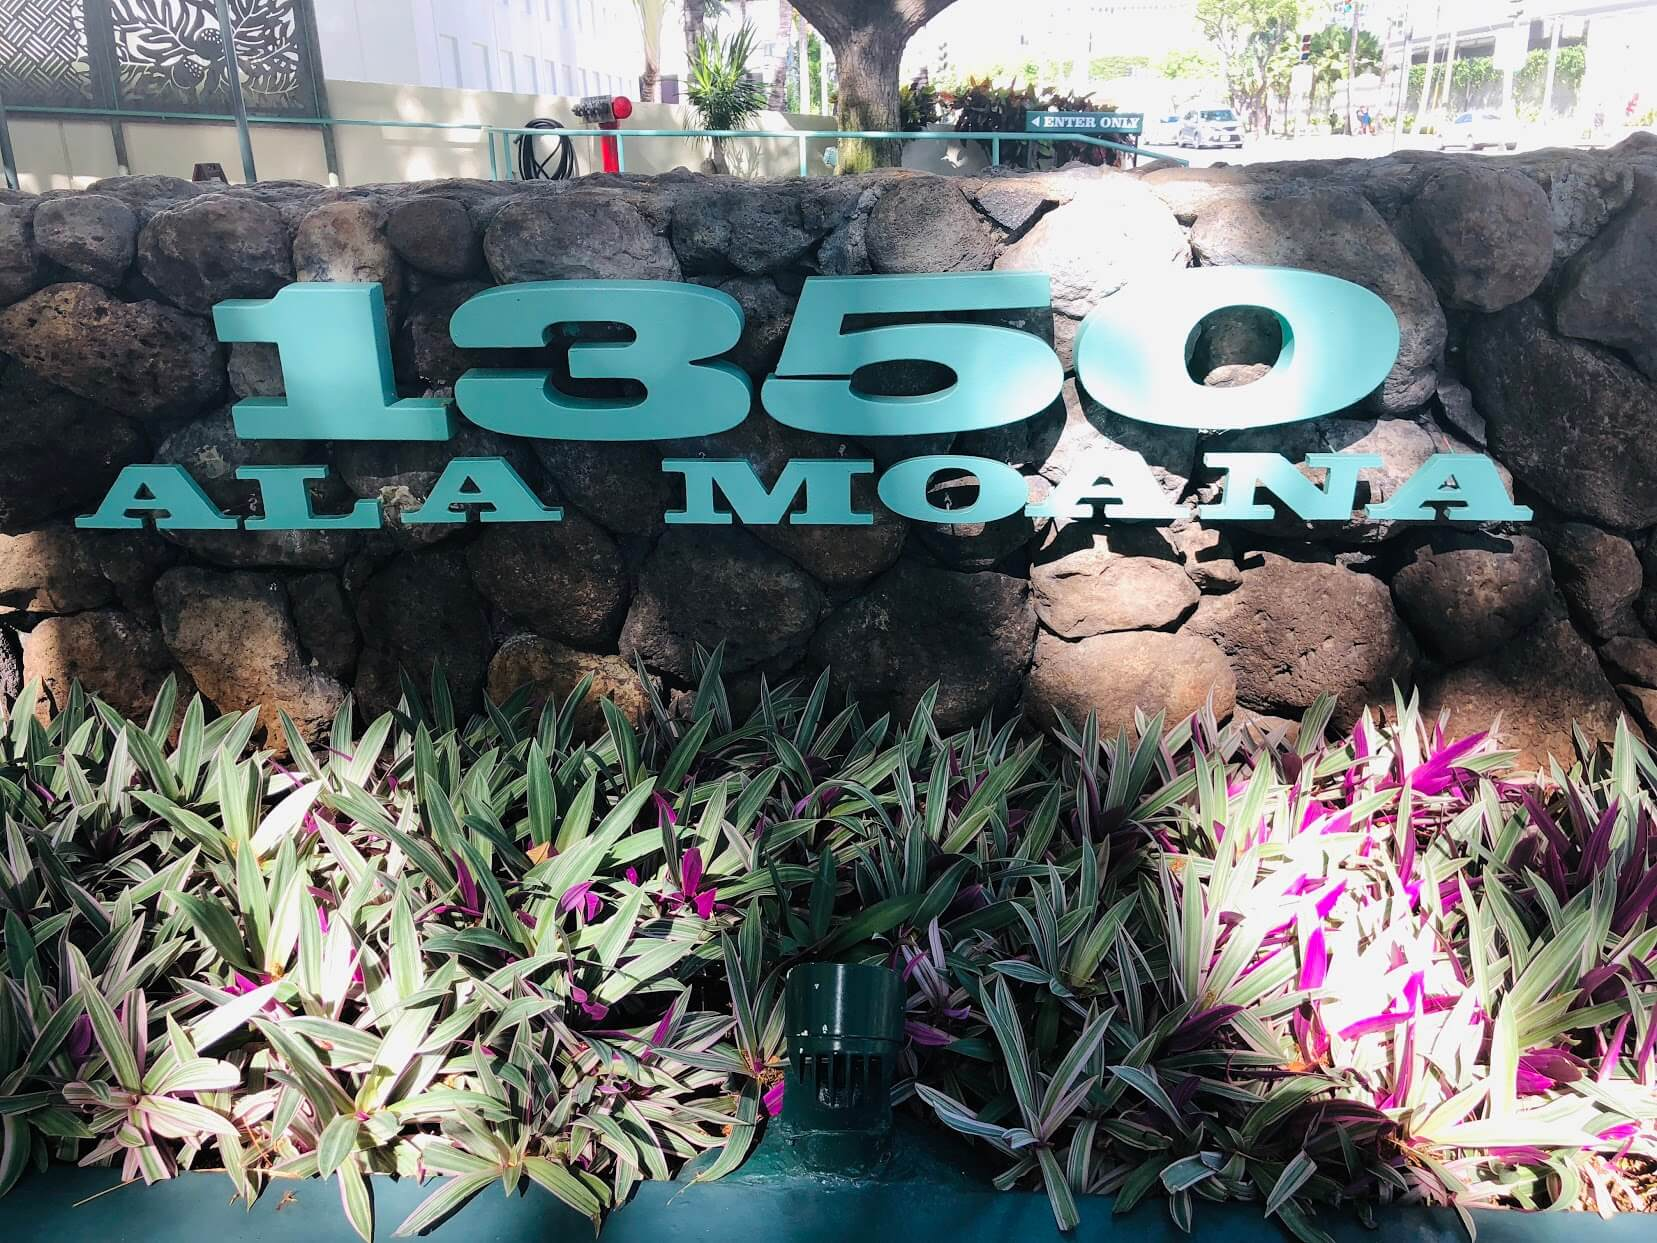 1350 Ala Moanaの看板